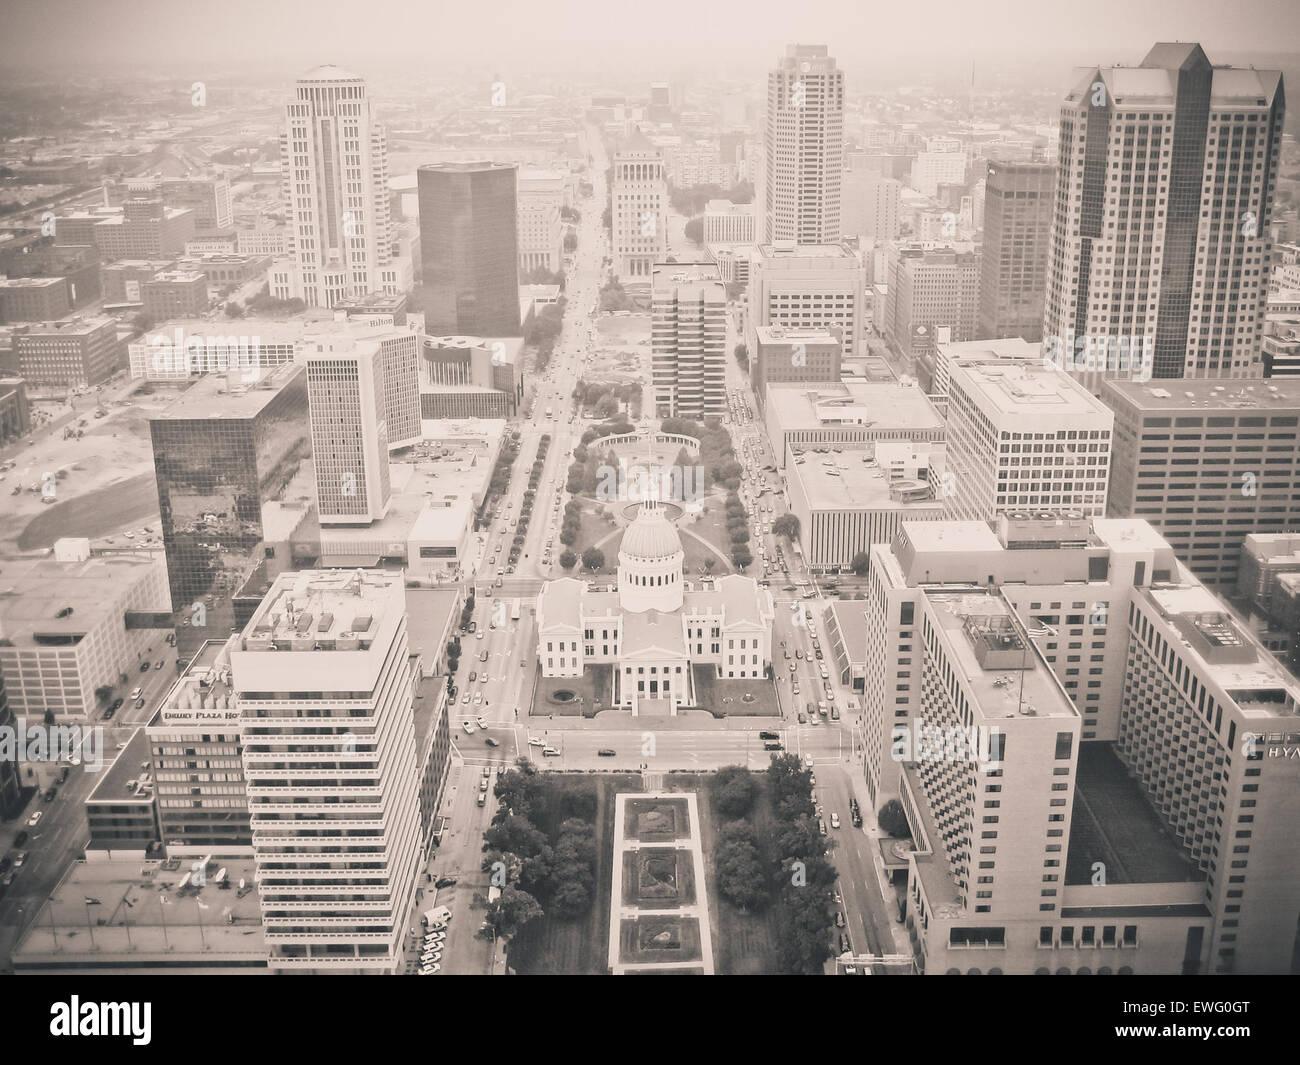 Monochrom Stadt mit Wolkenkratzern Stockfoto